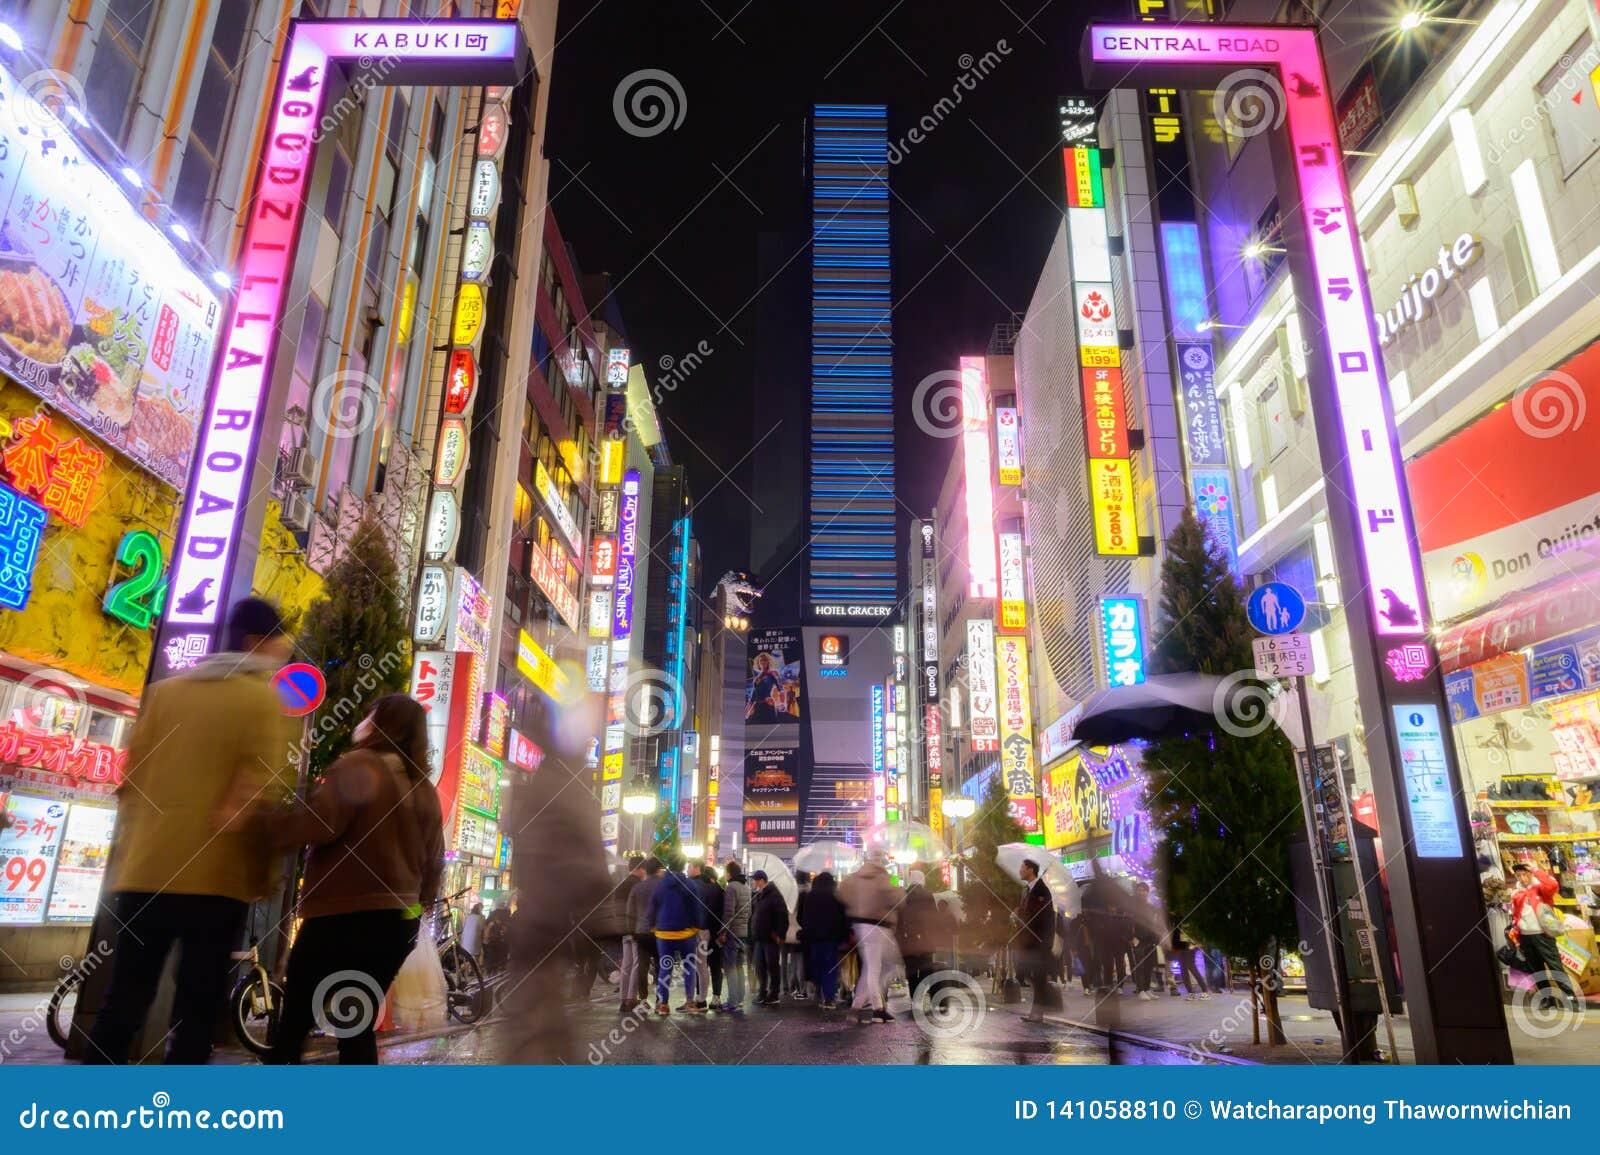 Shinjuku Kabukicho Tokio, Japonia prawdziwy sławny centrum handlowe, rozrywka, bar i restauracja,